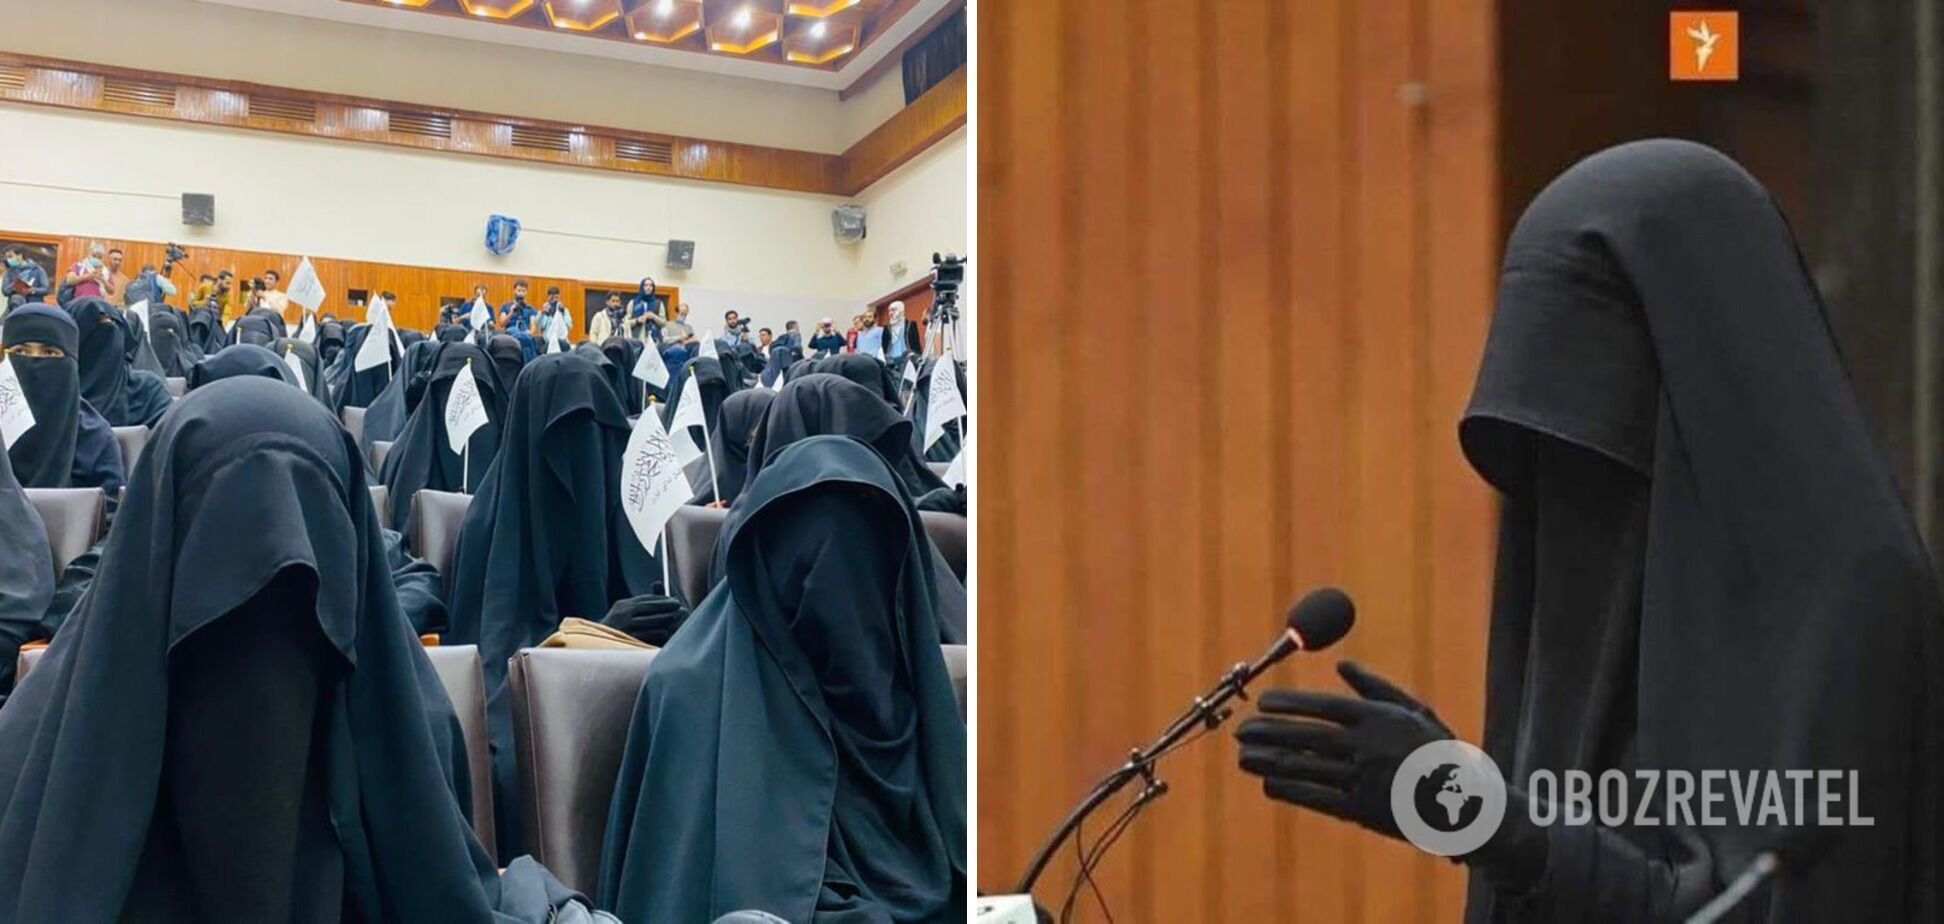 Талибы продолжают ущемлять права женщин